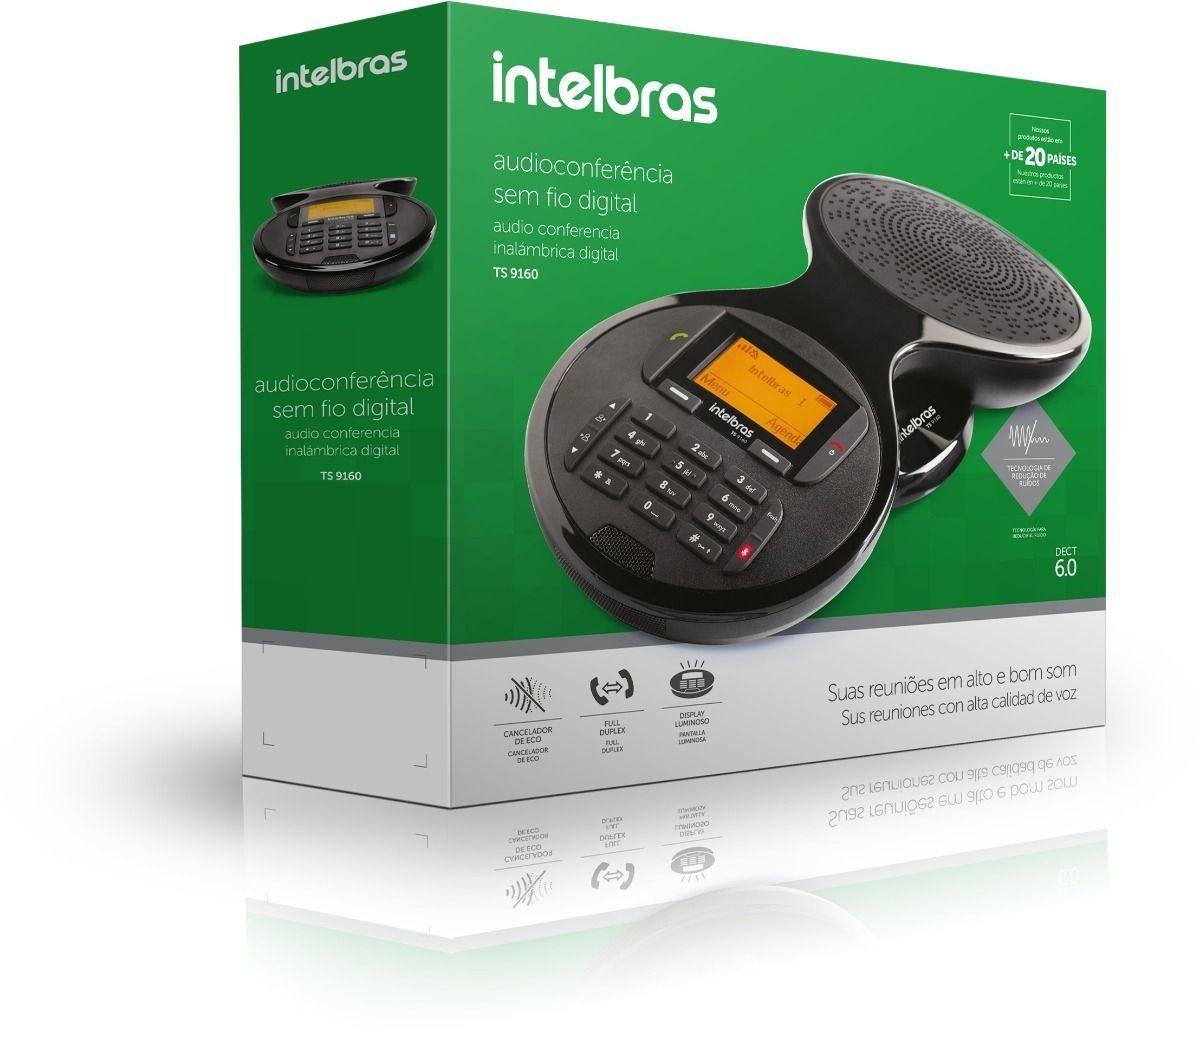 Audioconferência sem fio digital intelbras TS 9160 - JS Soluções em Segurança